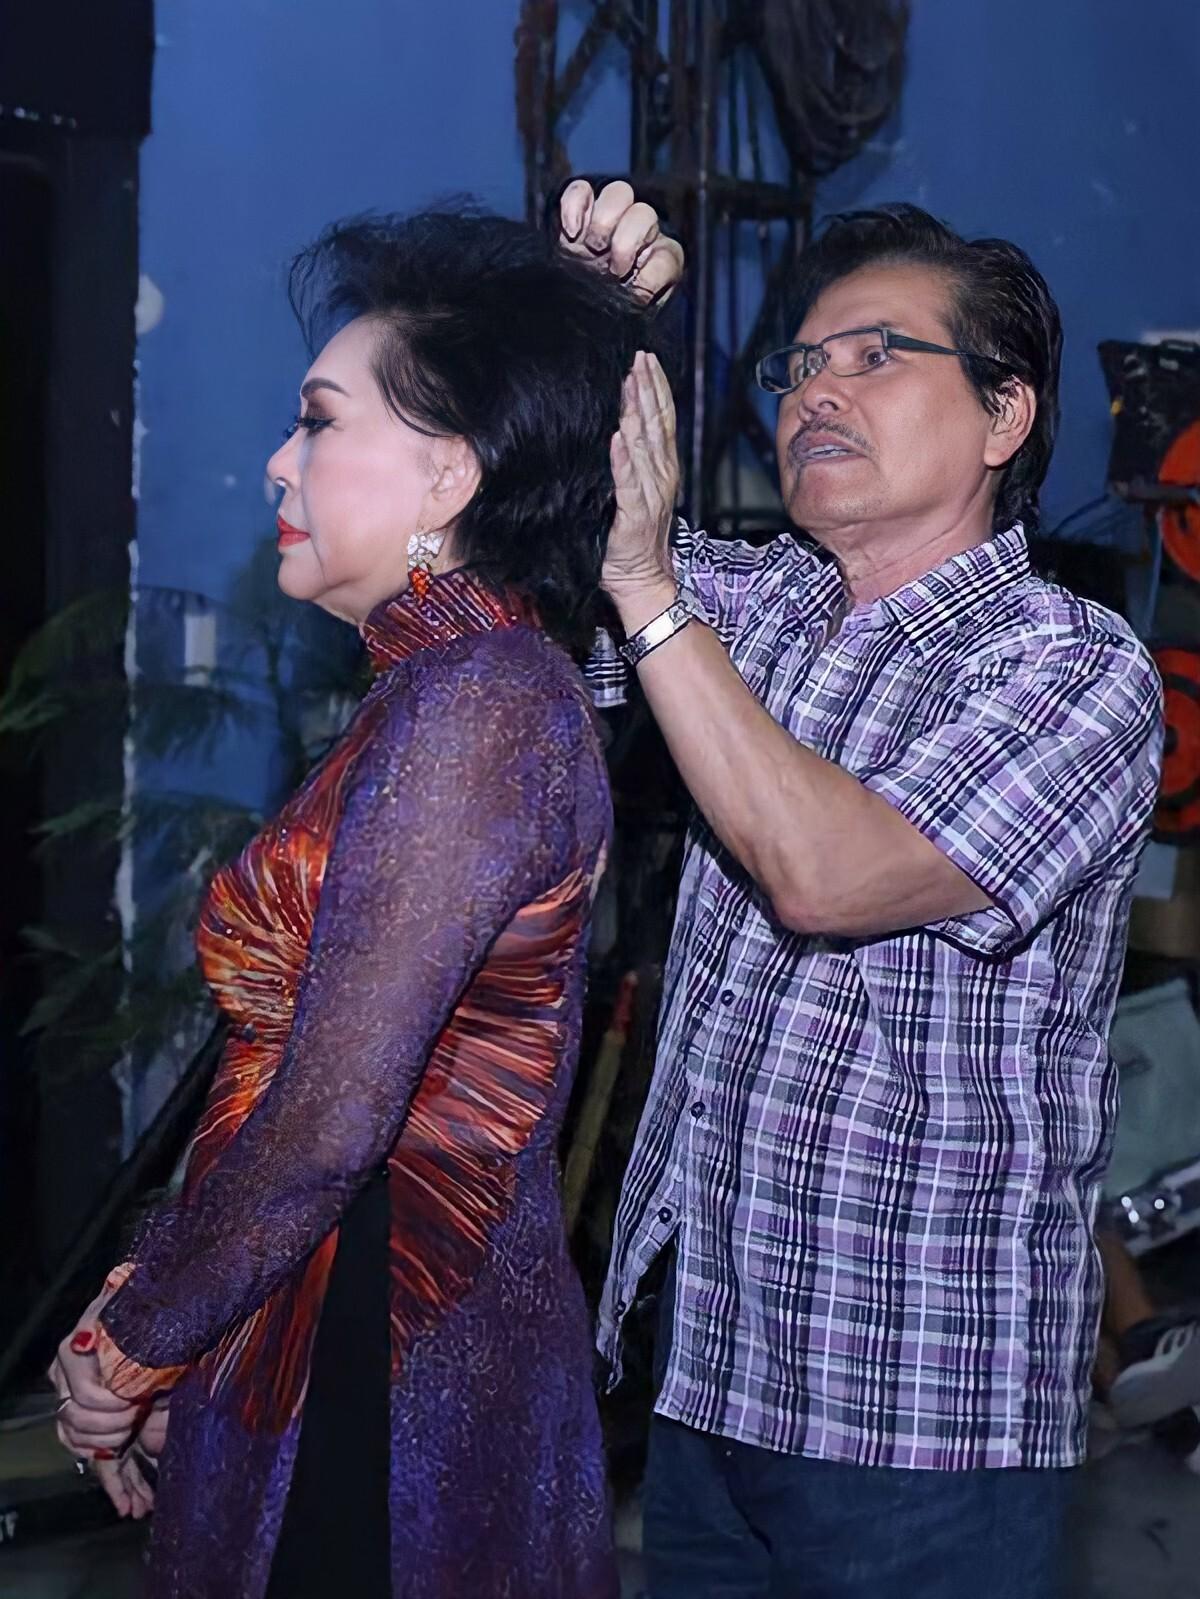 Chồng Giao Linh sát cánh cùng bà trong sự nghiệp ca hát hơn 30 năm qua. Ảnh: Jet Studio.